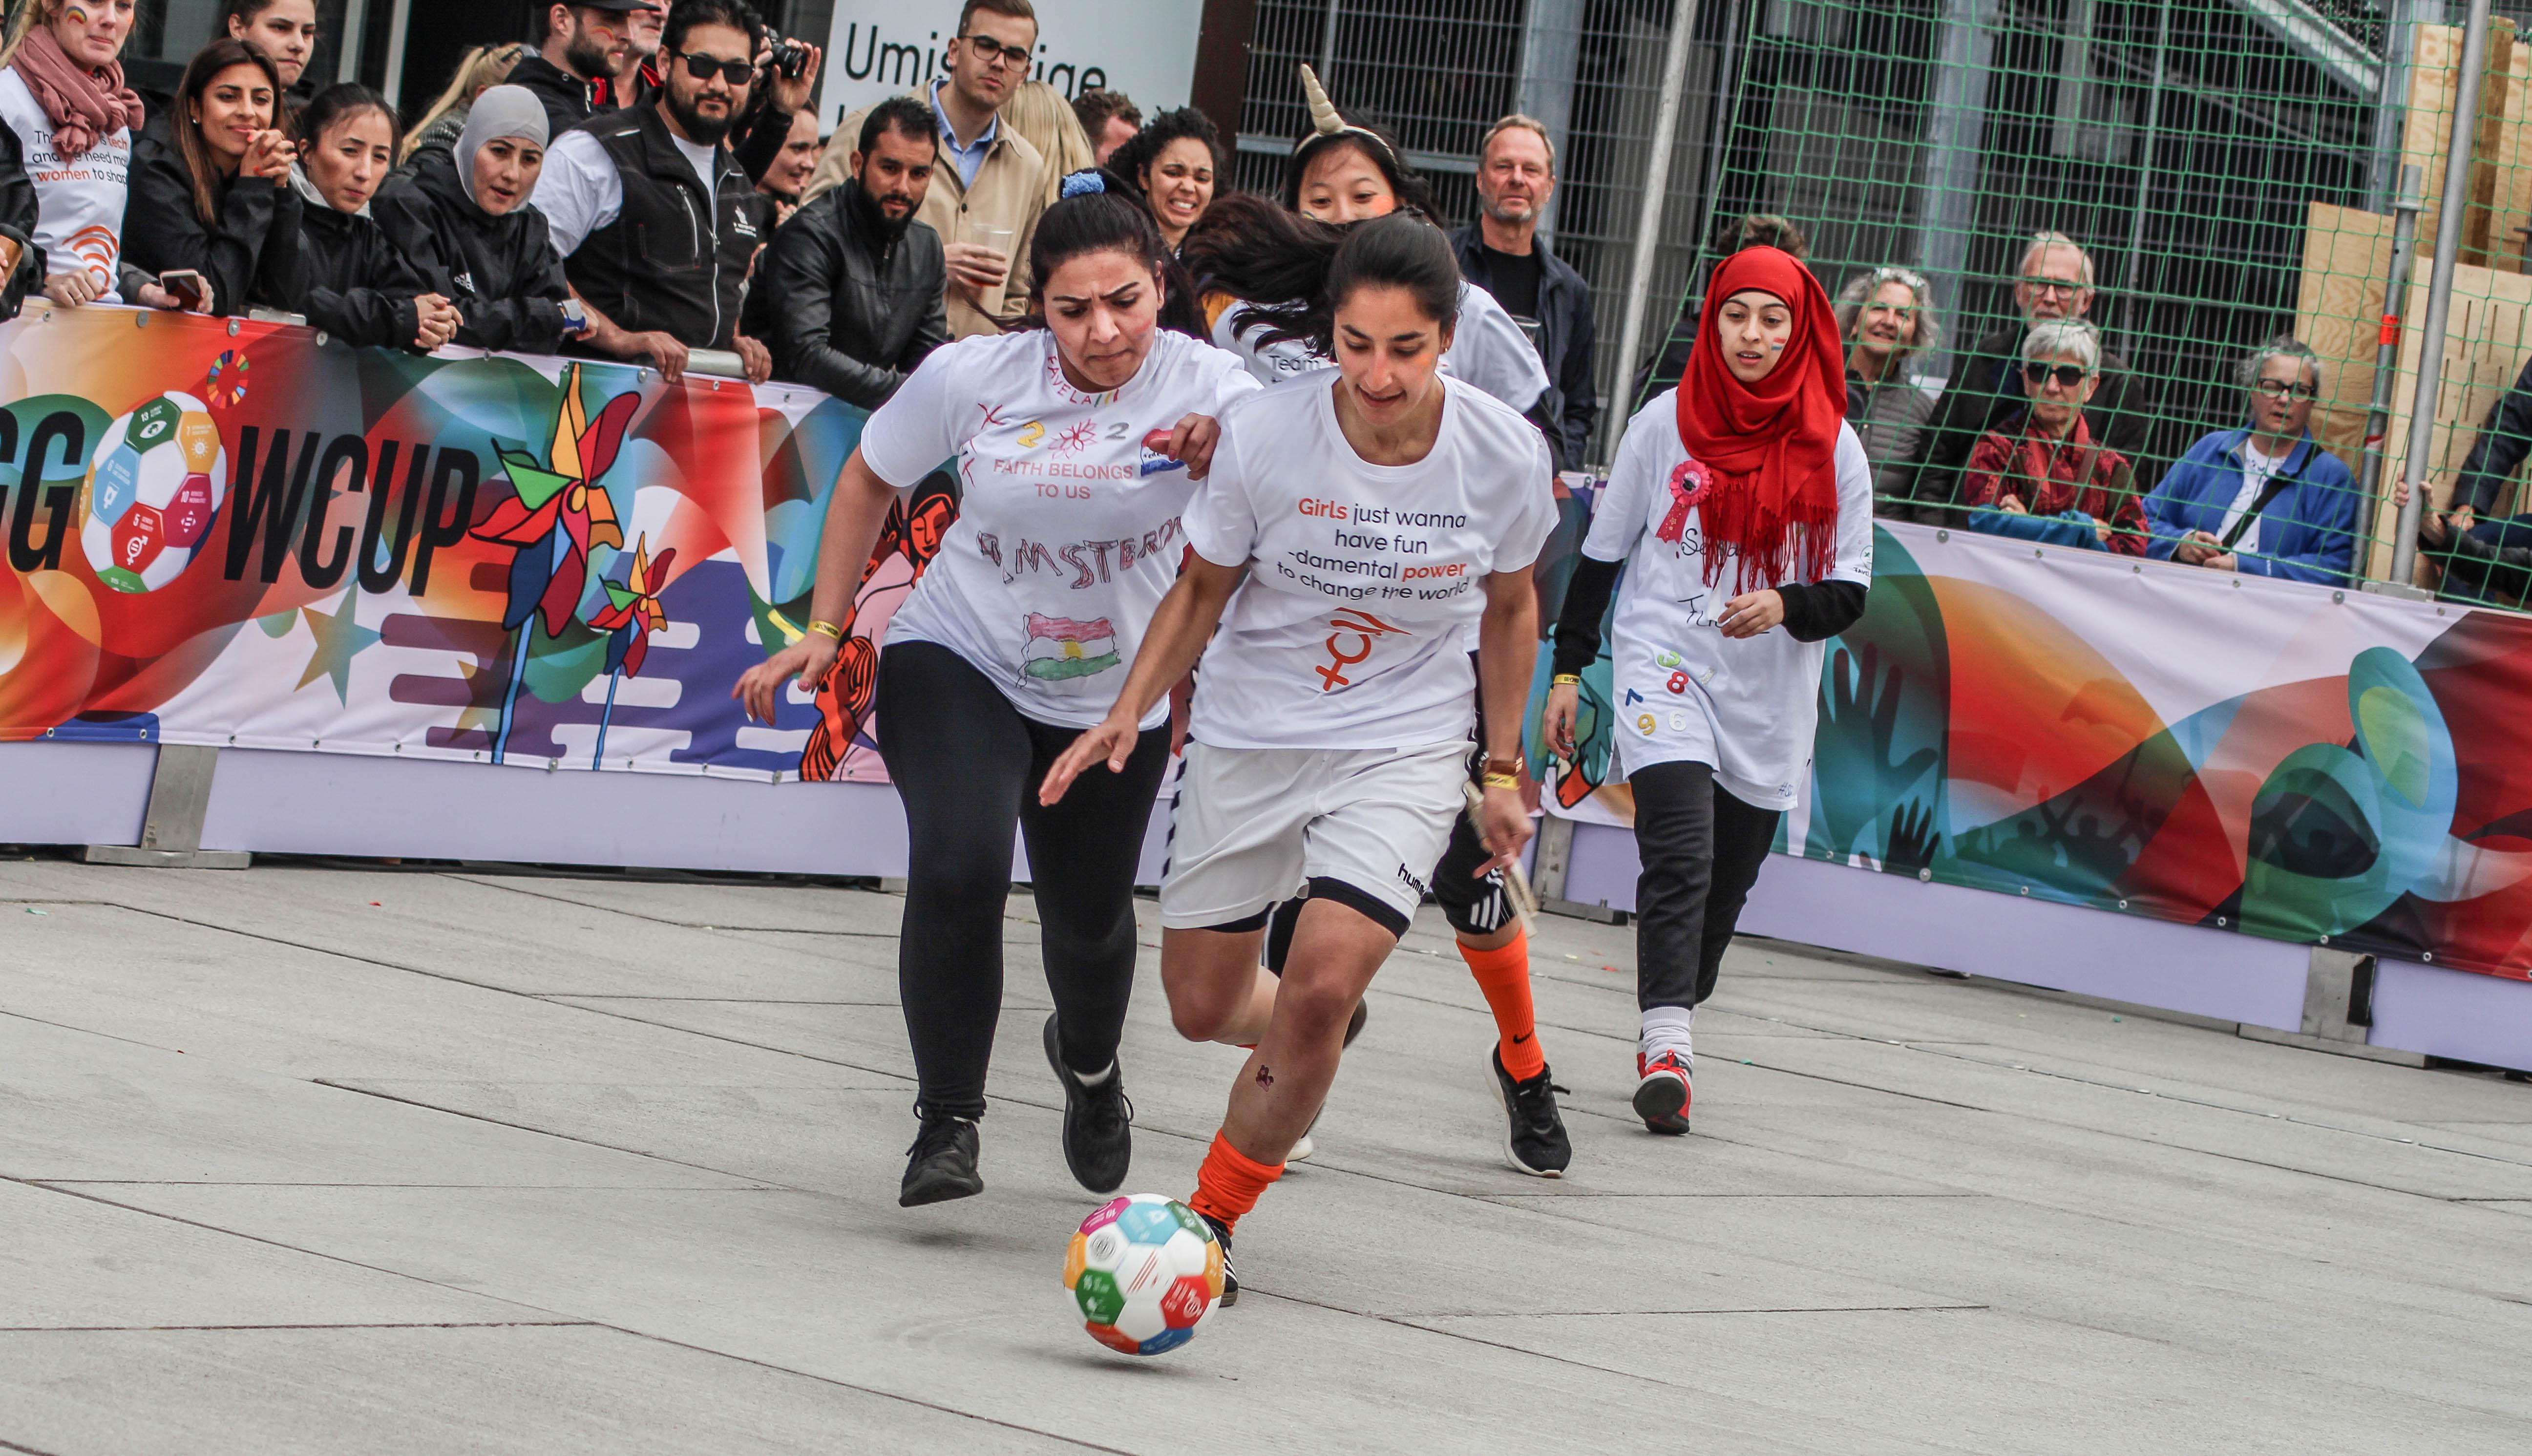 30 hold spillede i turneringen, hvor hvert hold spillede for ét af de 17 Verdensmål. Foto: Lauge Eilsøe-Madsen